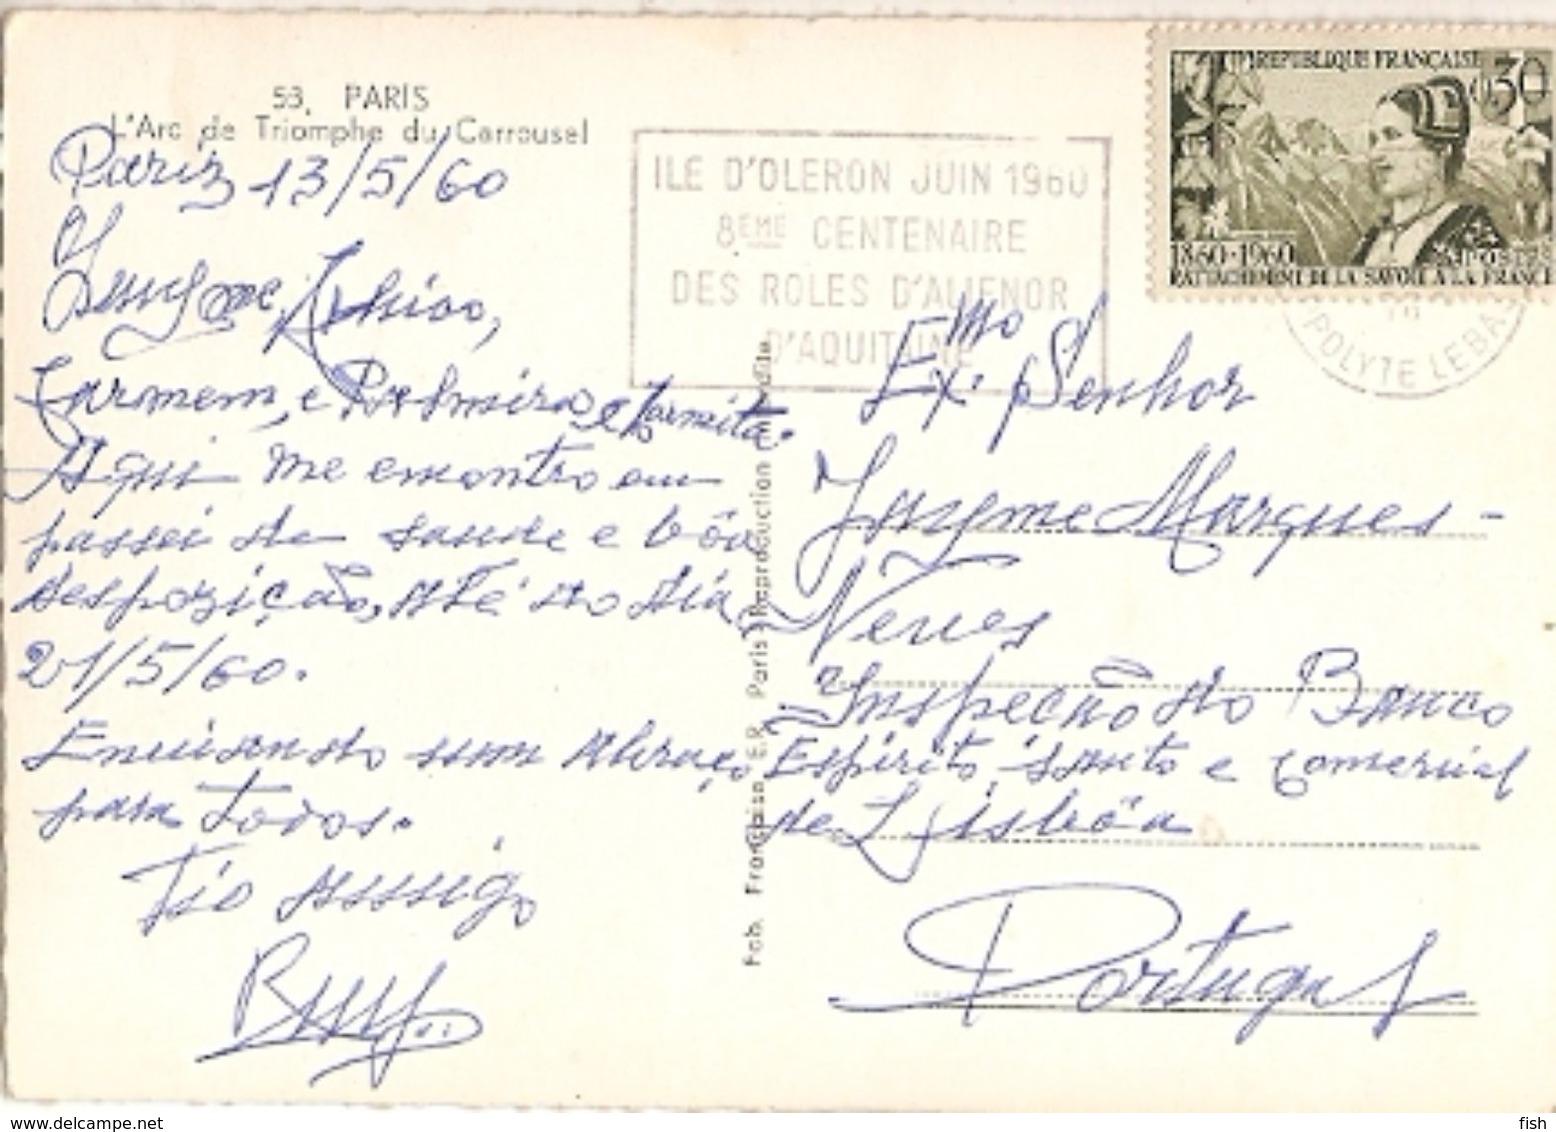 France & Circulated,Paris, Arc De Triomphe Du Carrousel,Ile D'Oleron, Roles De Alienor D'Aquitaine,  Lisboa 1960 (53) - Monuments